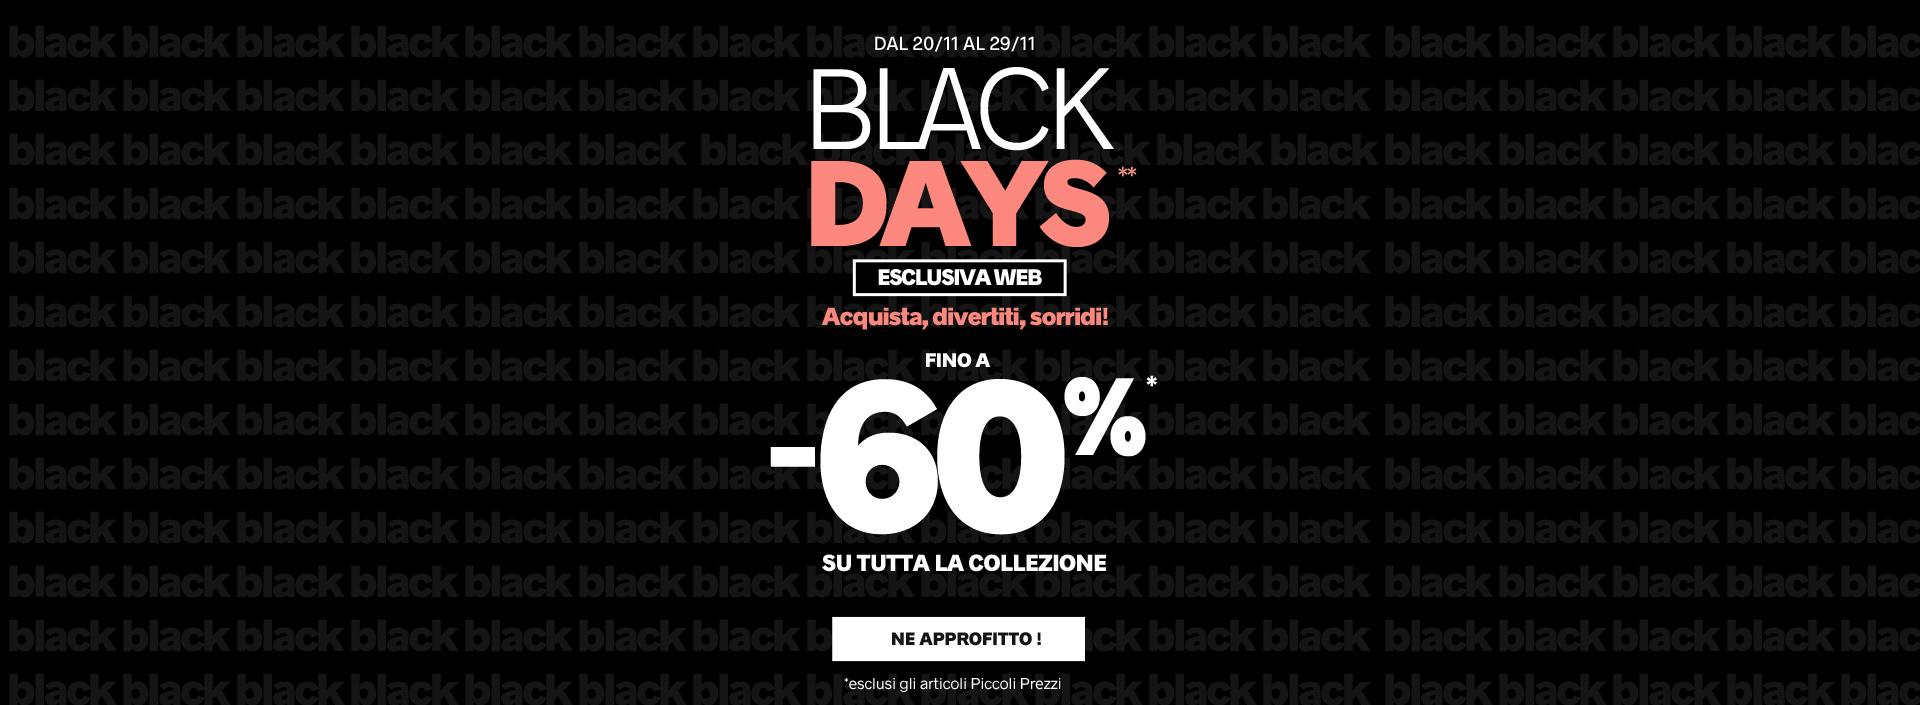 BLACK FRIDAY -30%* su tutta la collezione fino a domenica 26/11 Codice: BLACKFRIDAY